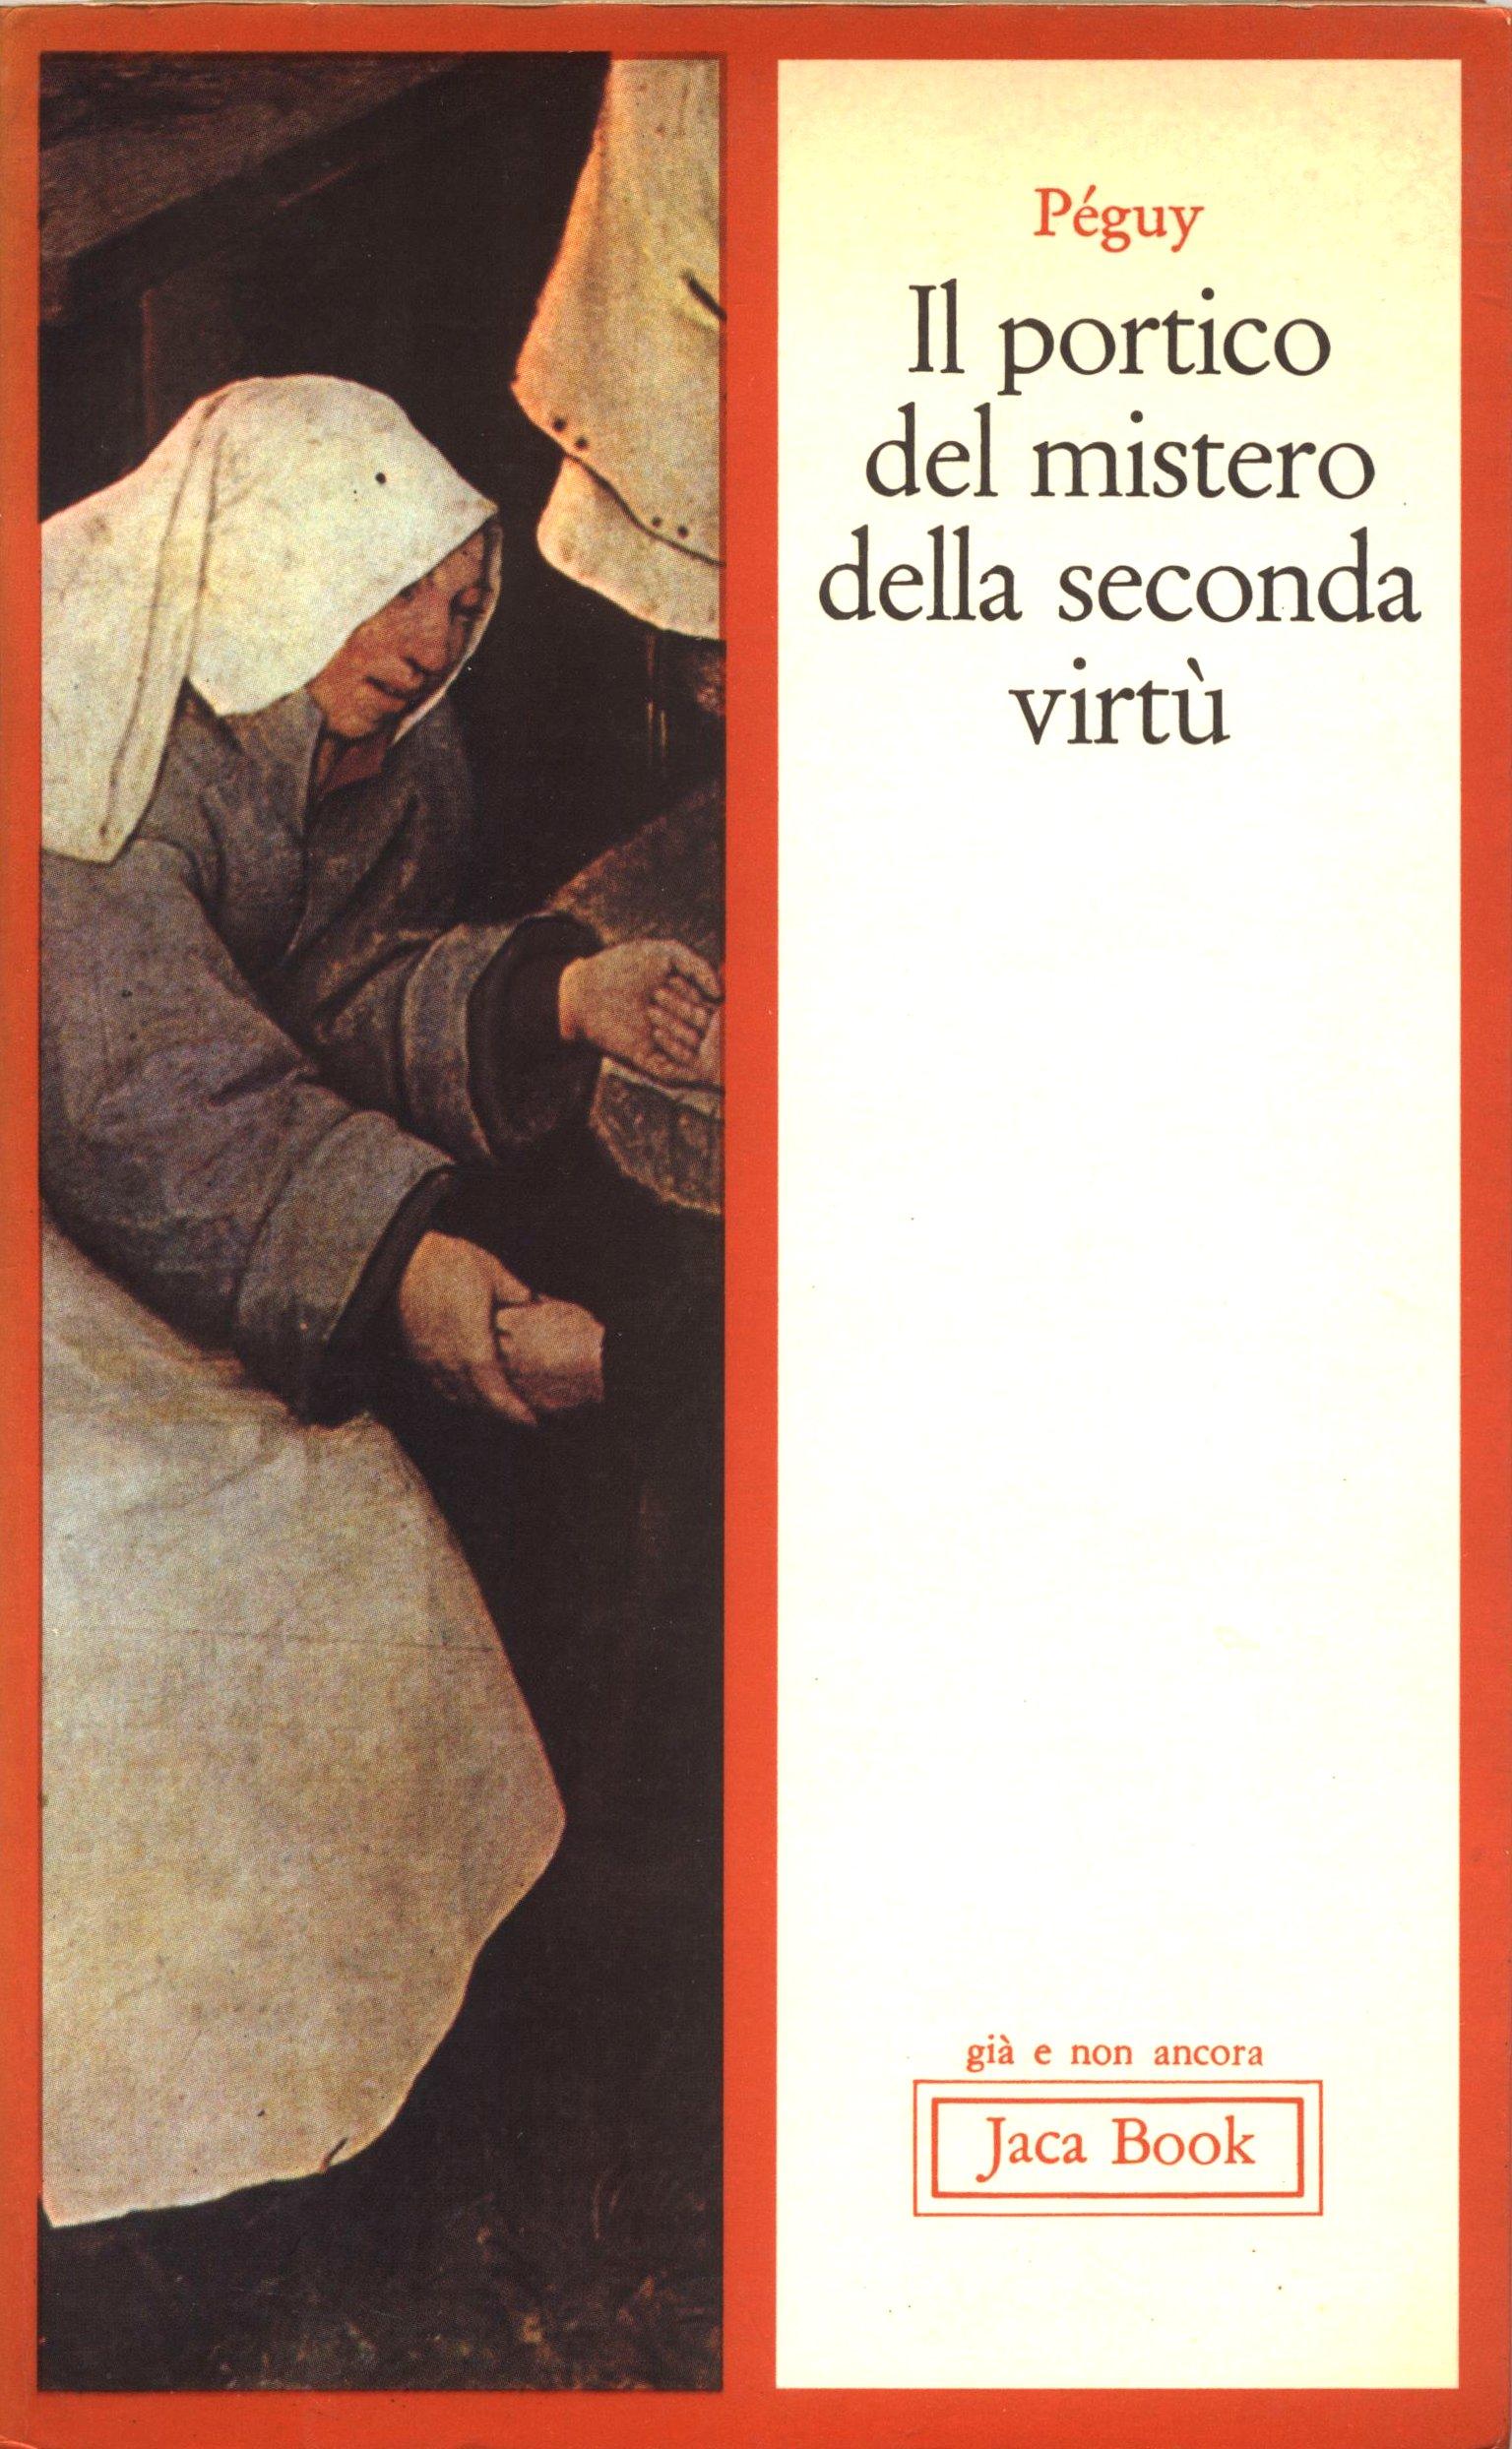 Il portico del mistero della seconda virtù